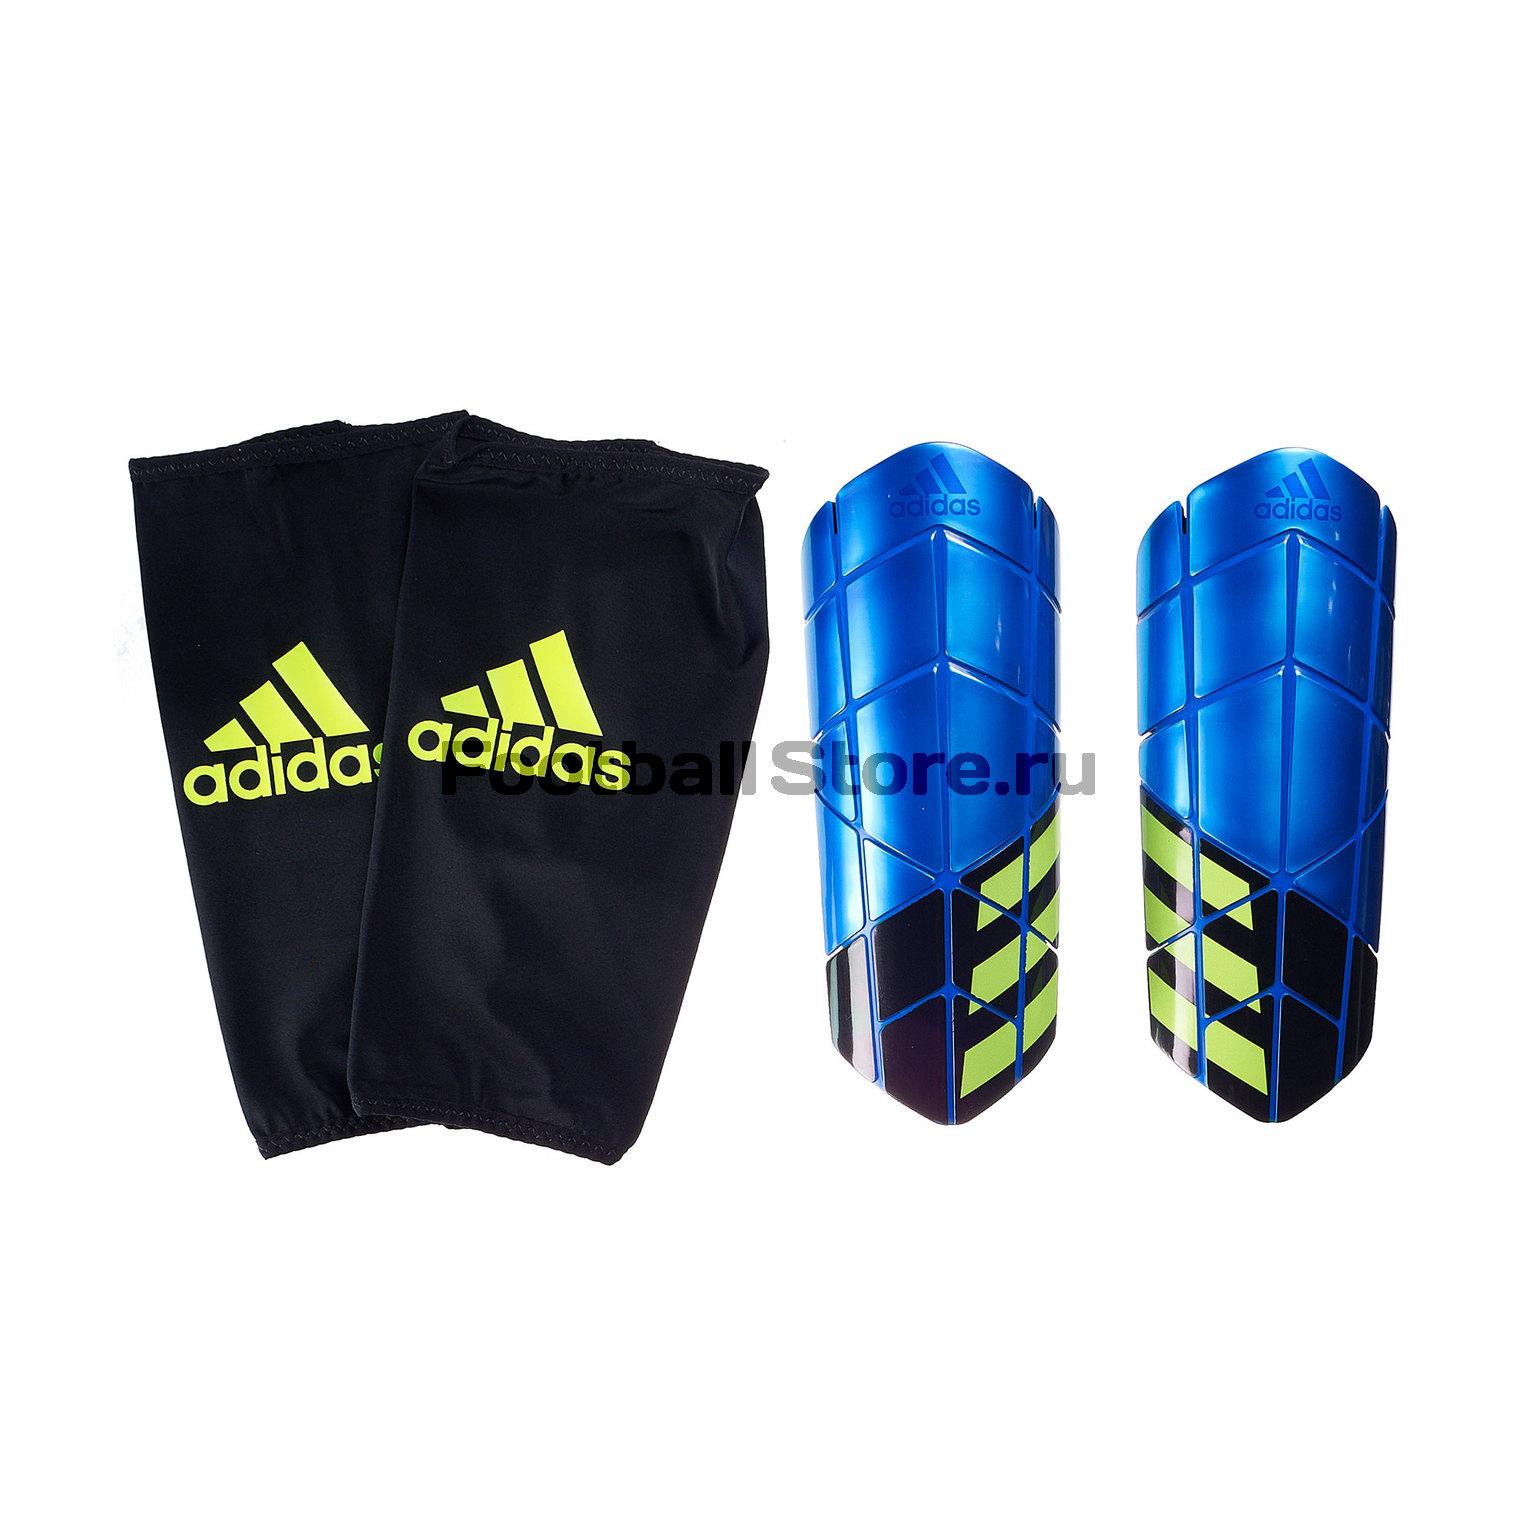 Щитки футбольные Adidas X Pro CW9712 щитки футбольные adidas x lesto dy2578 серебристый размер m